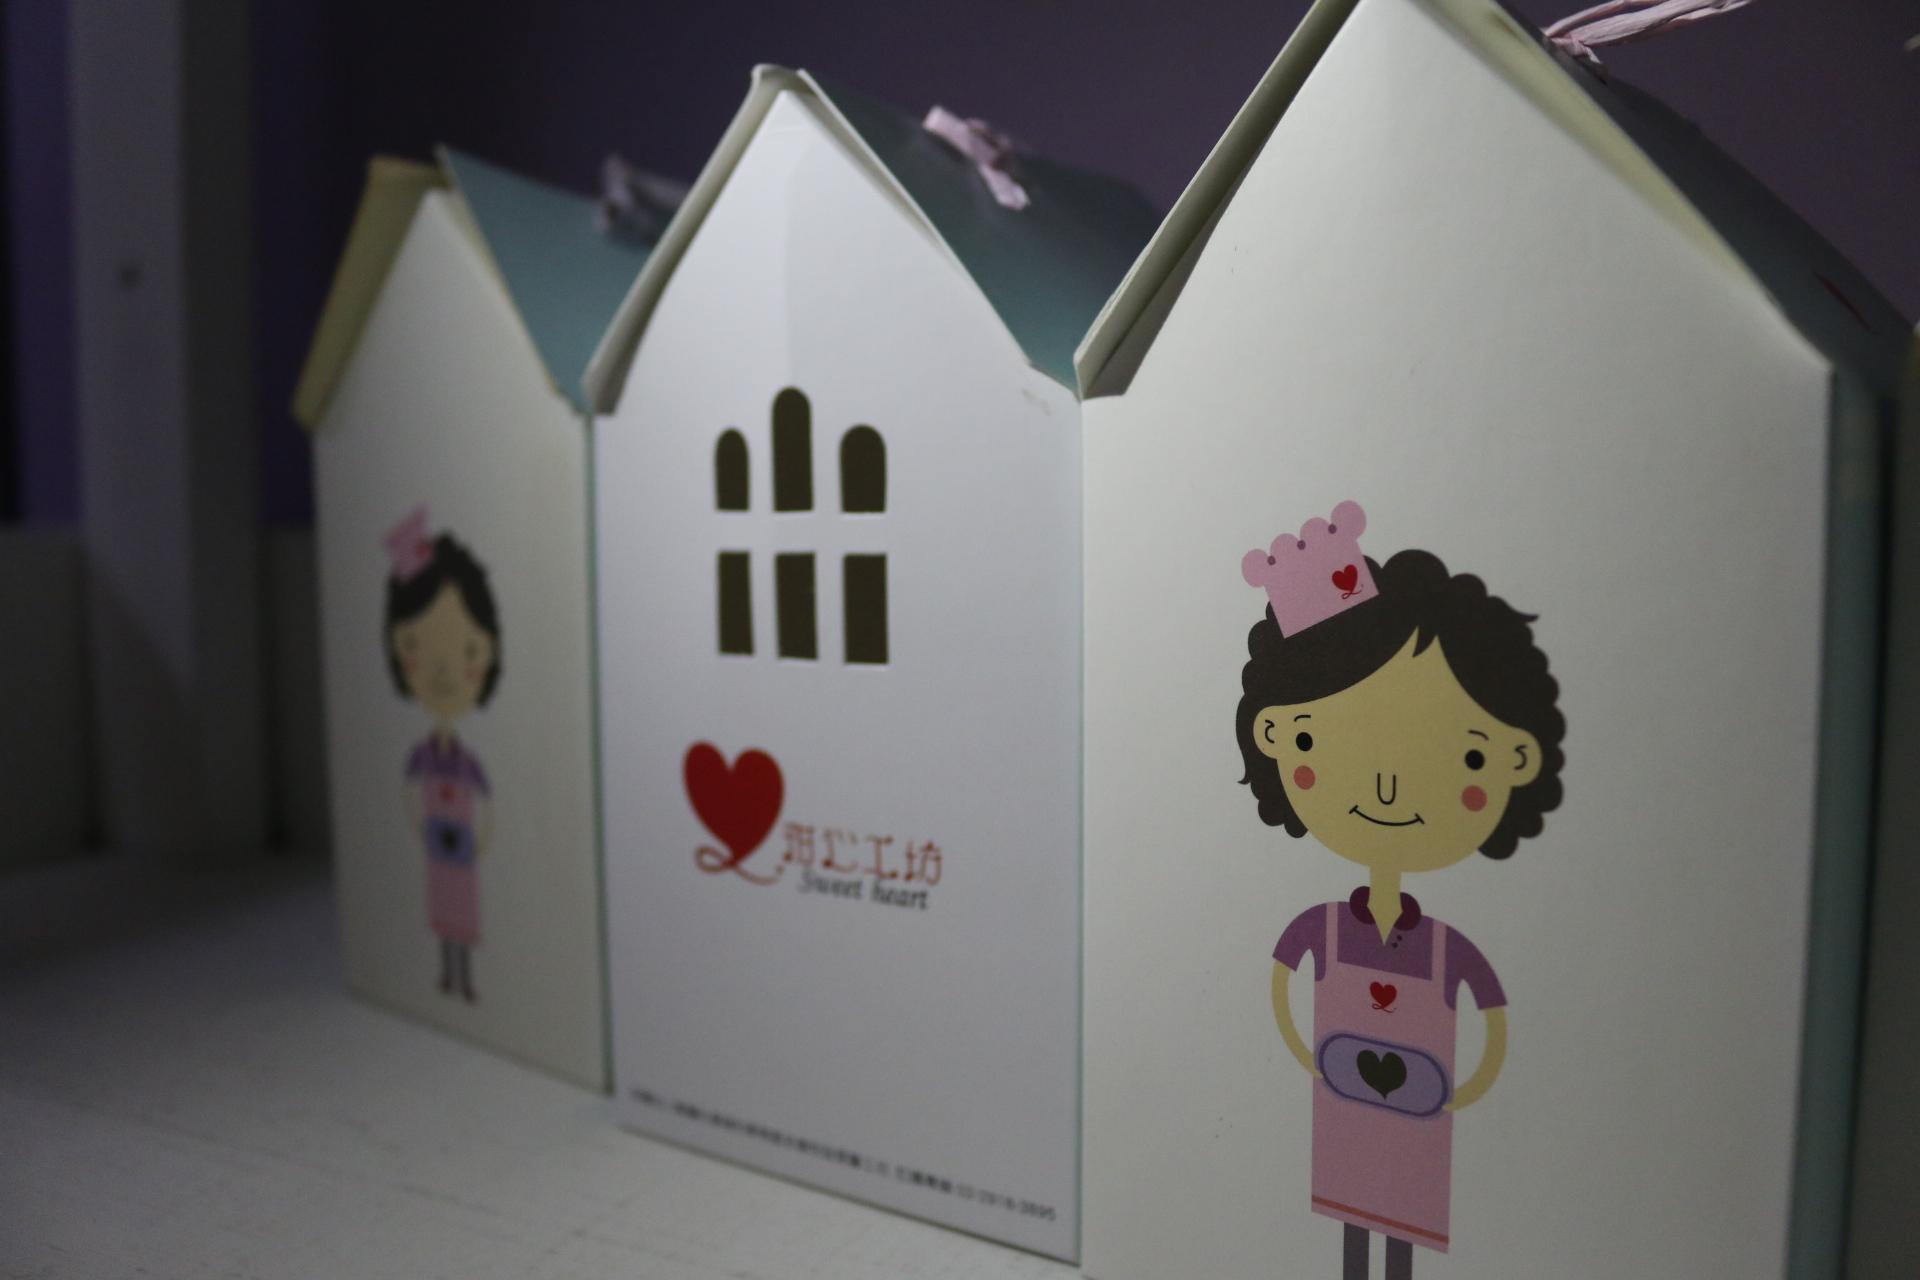 甜心工坊協助受暴婦女及她的孩子脫離家暴陰霾